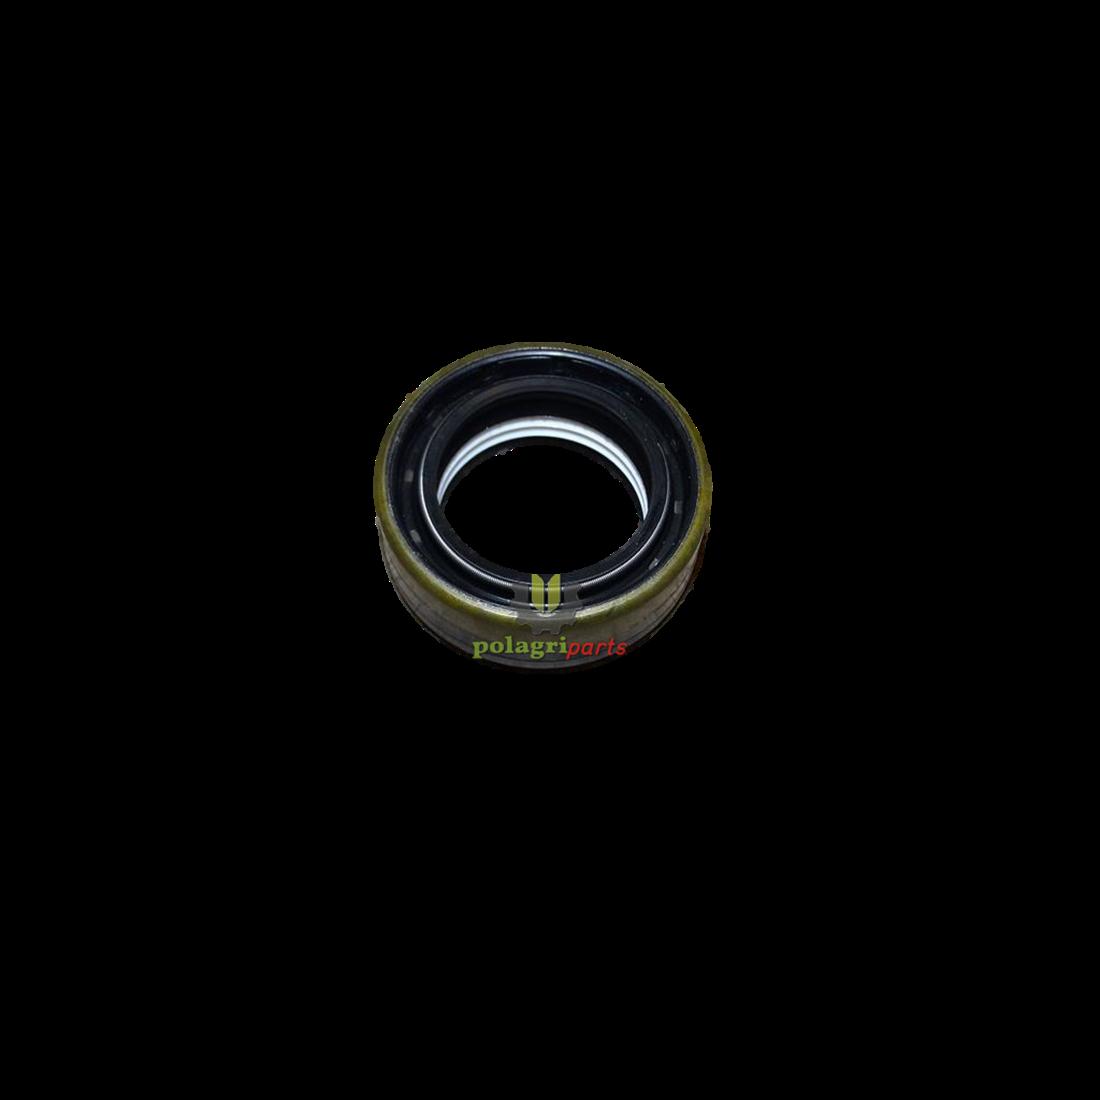 Simmering Uszczelniacz 35x52x17/18,5 CORTECO 12019673 0011374980